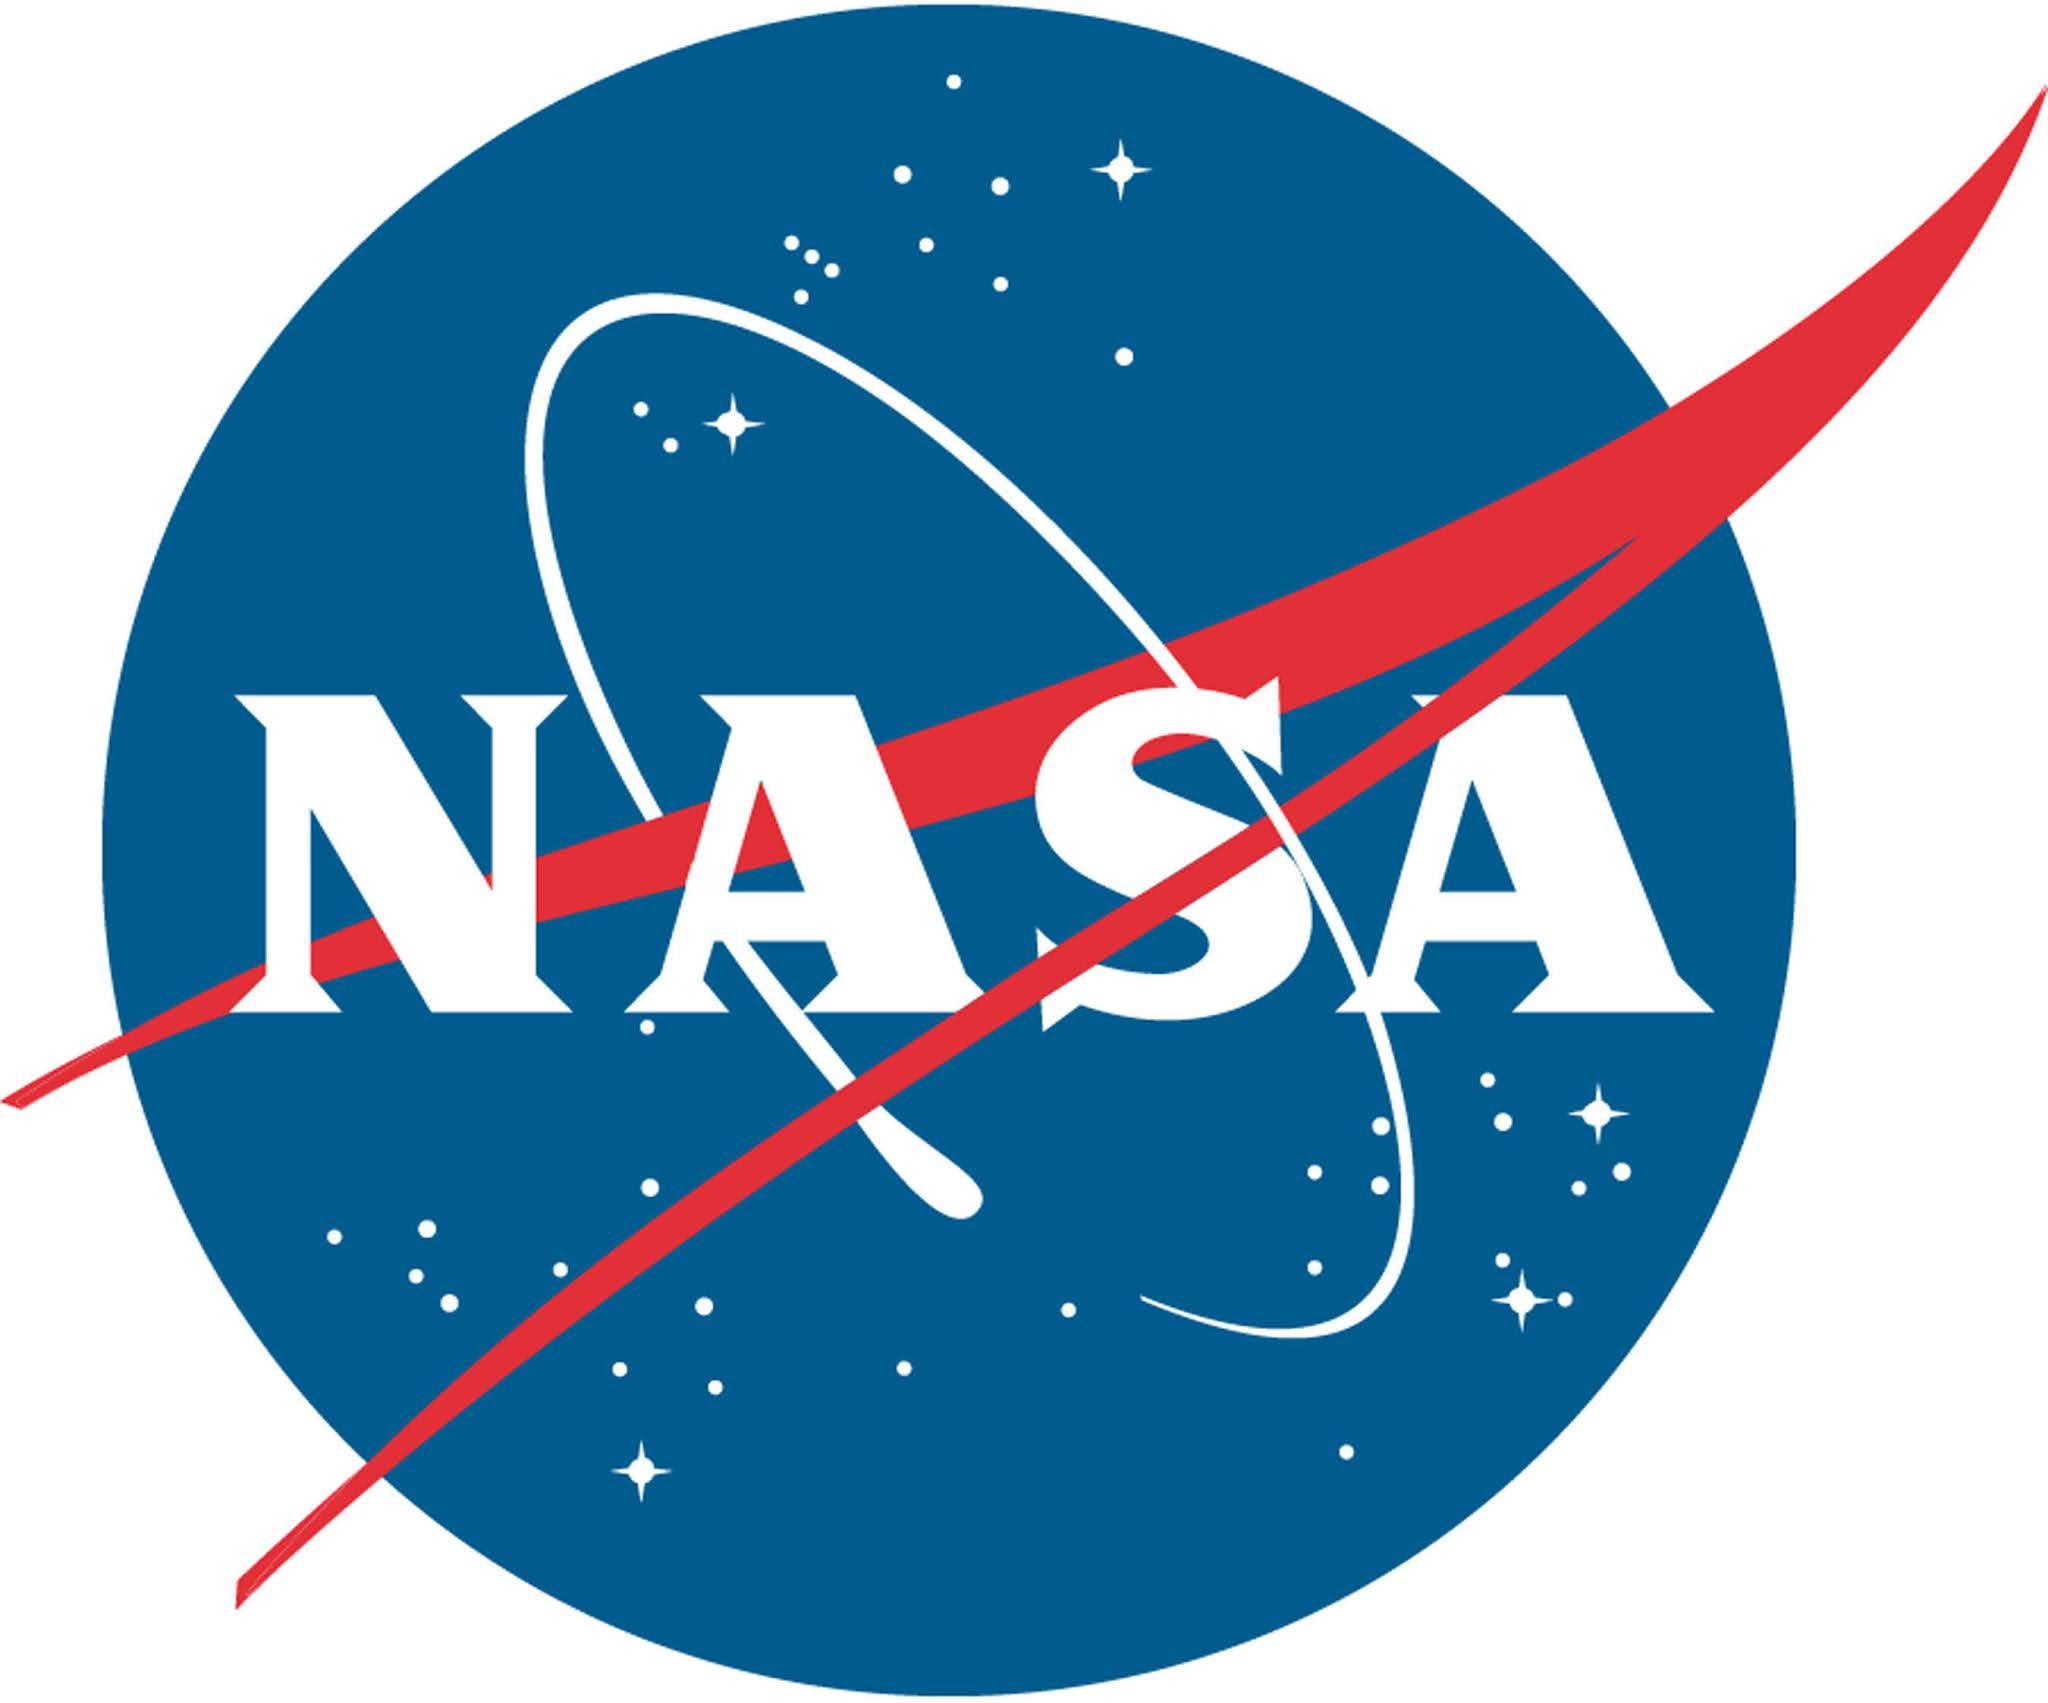 NASA Invites Media to New OSIRIS-REx, Asteroid Bennu Study Briefing